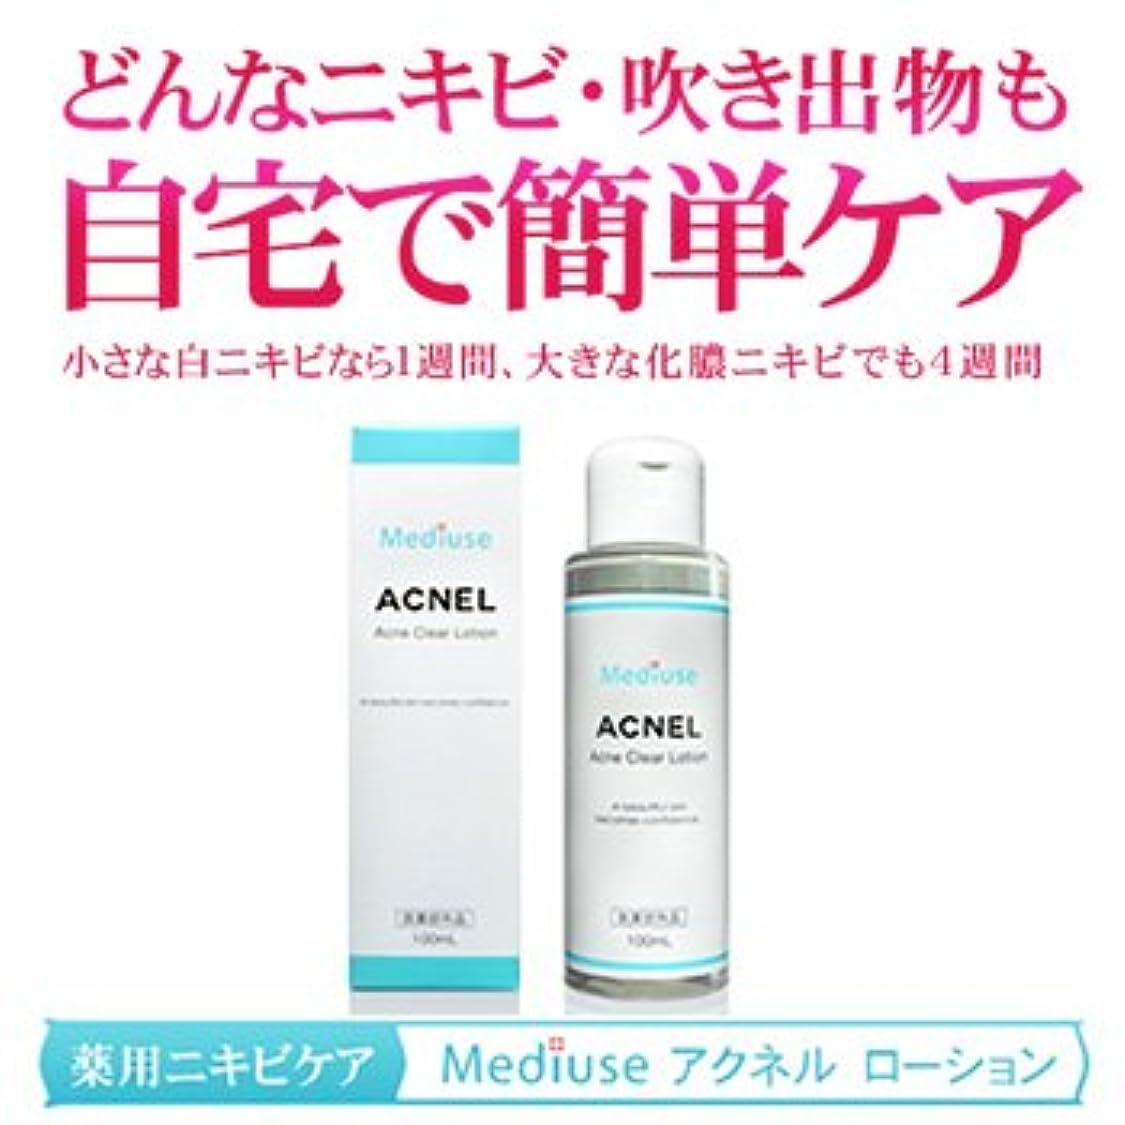 メデュース アクネル アクネクリアローション(薬用ニキビケアローション)医薬部外品